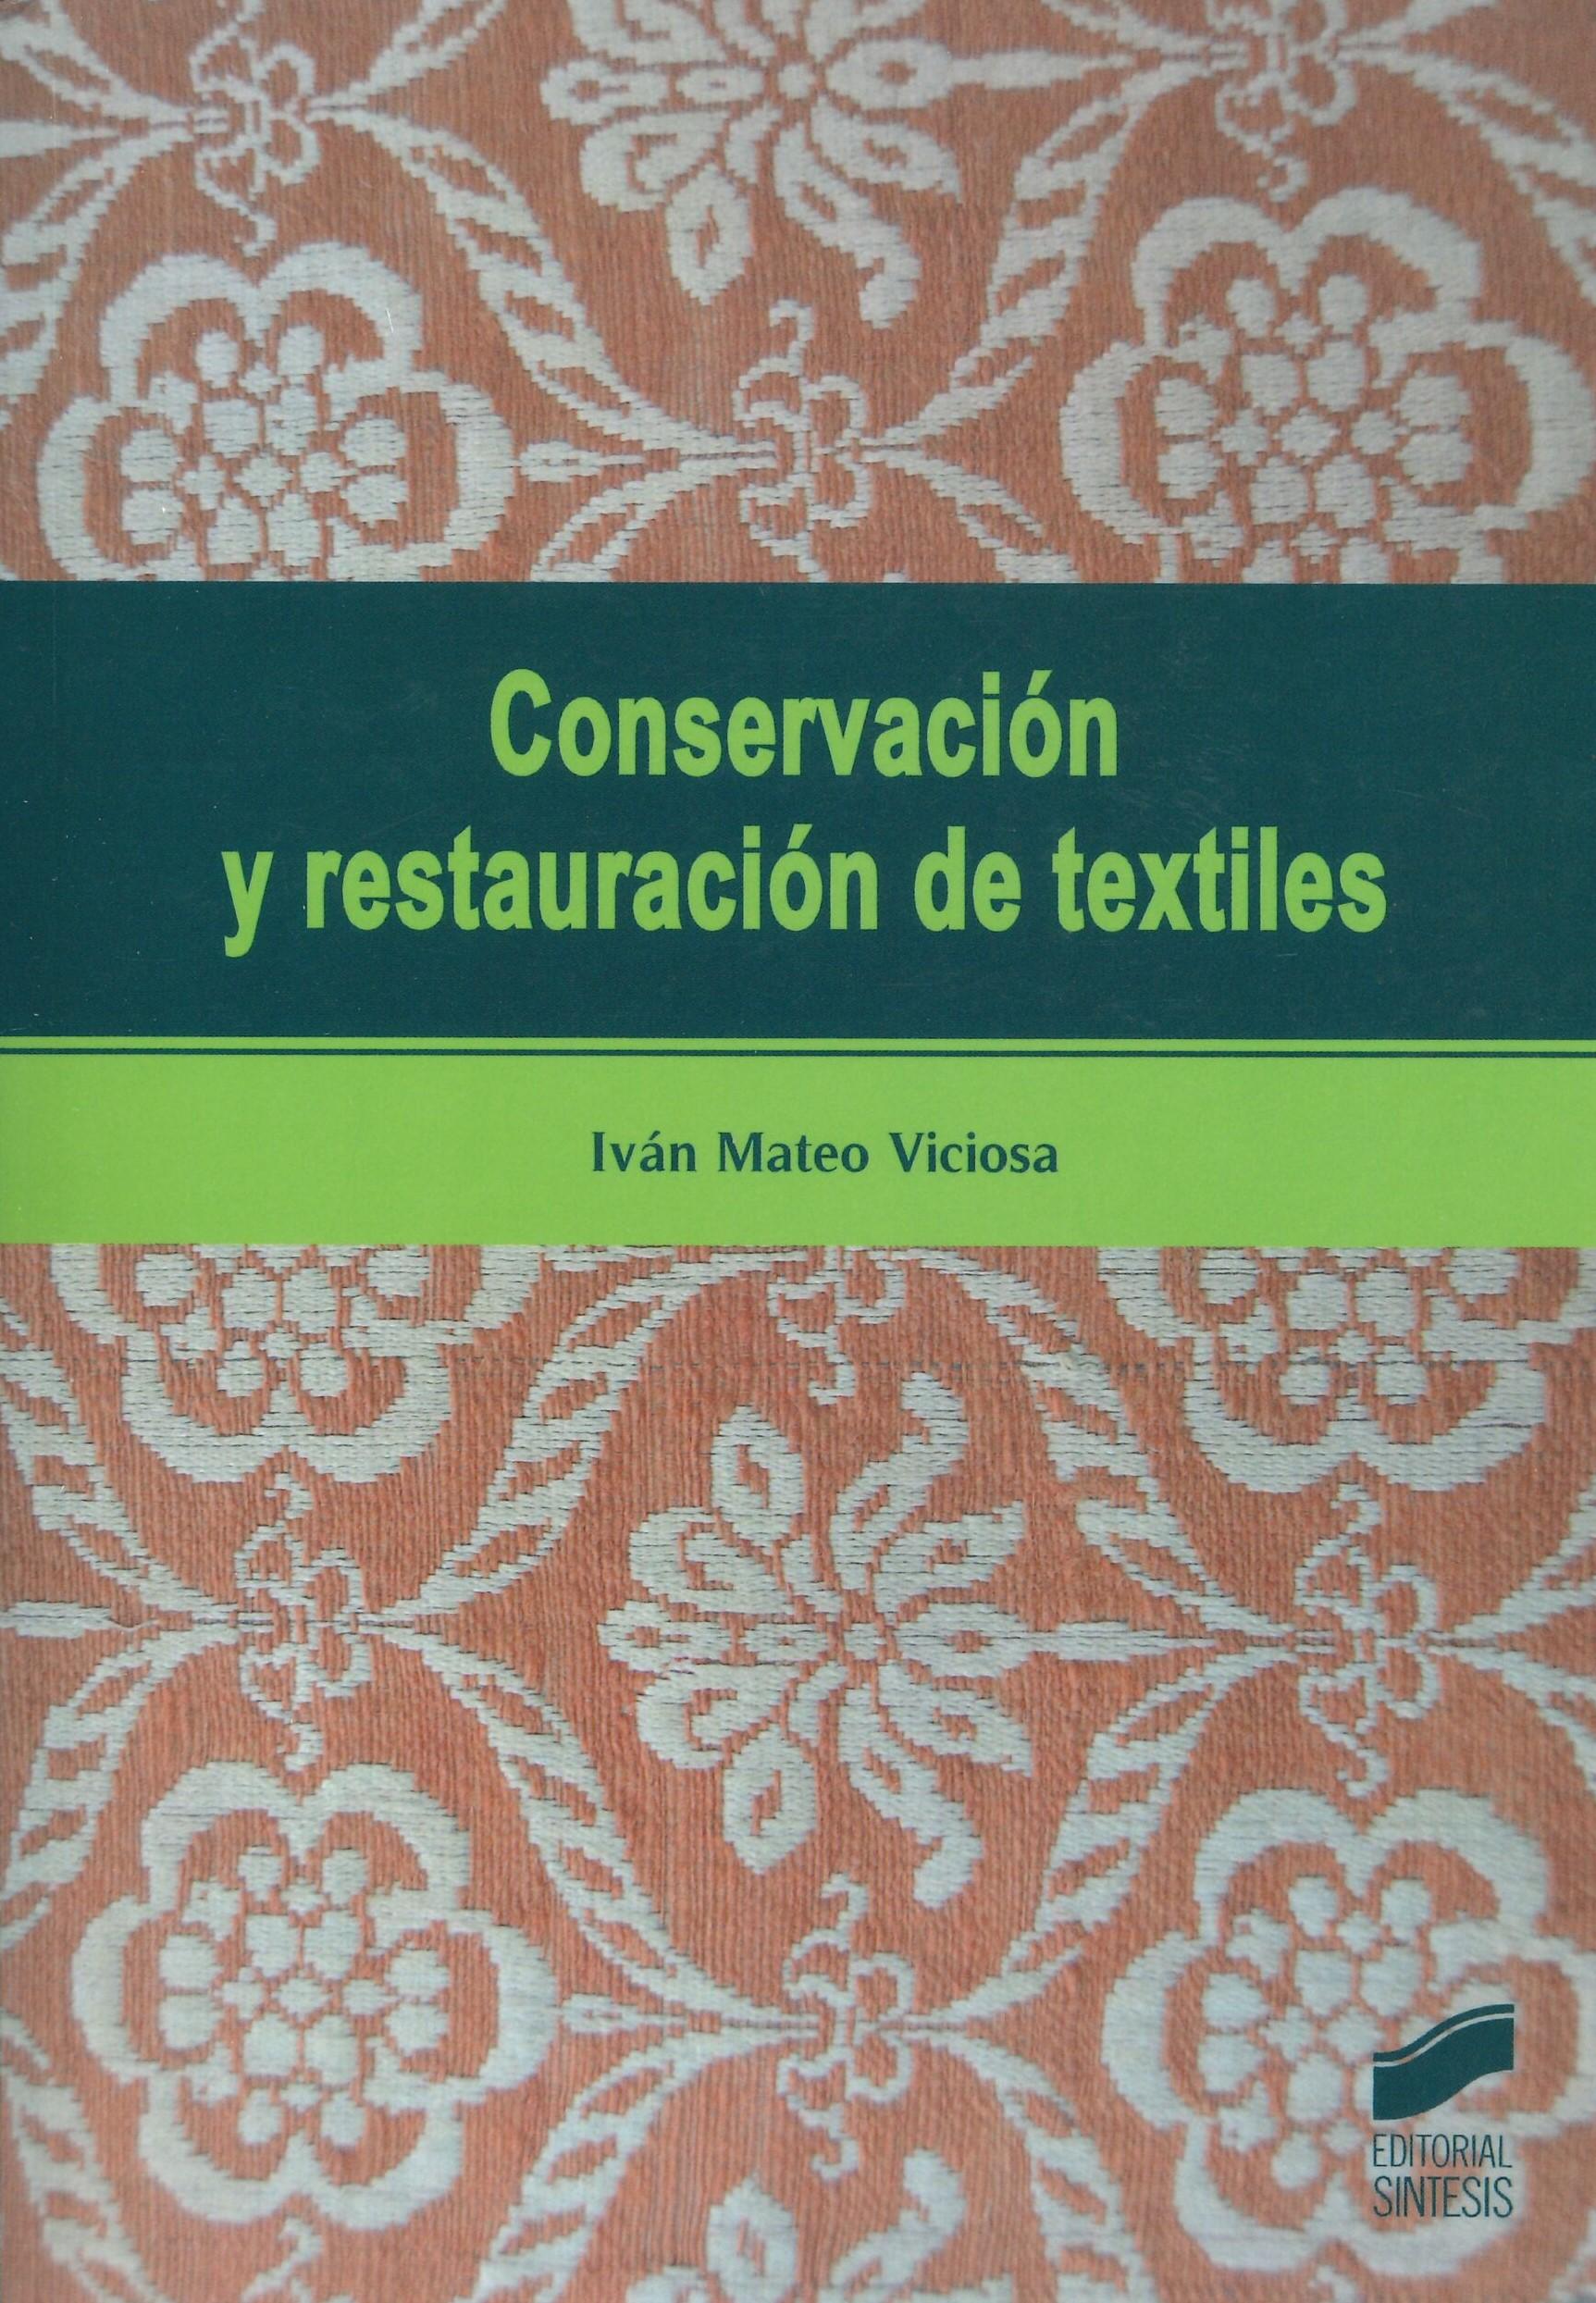 conservacion_y_restauracion.jpg